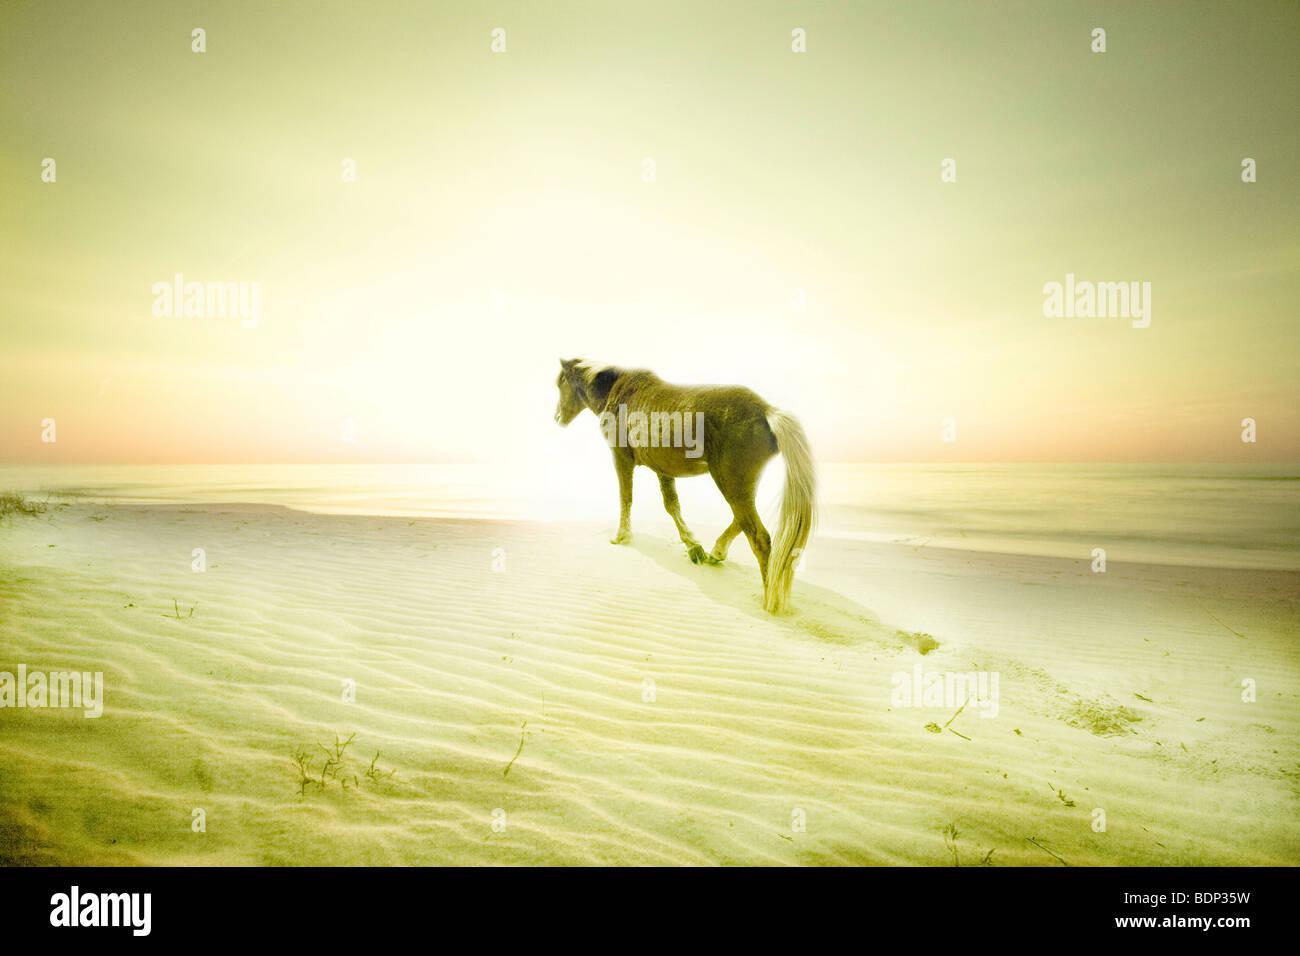 Un pony en una playa de arena Imagen De Stock